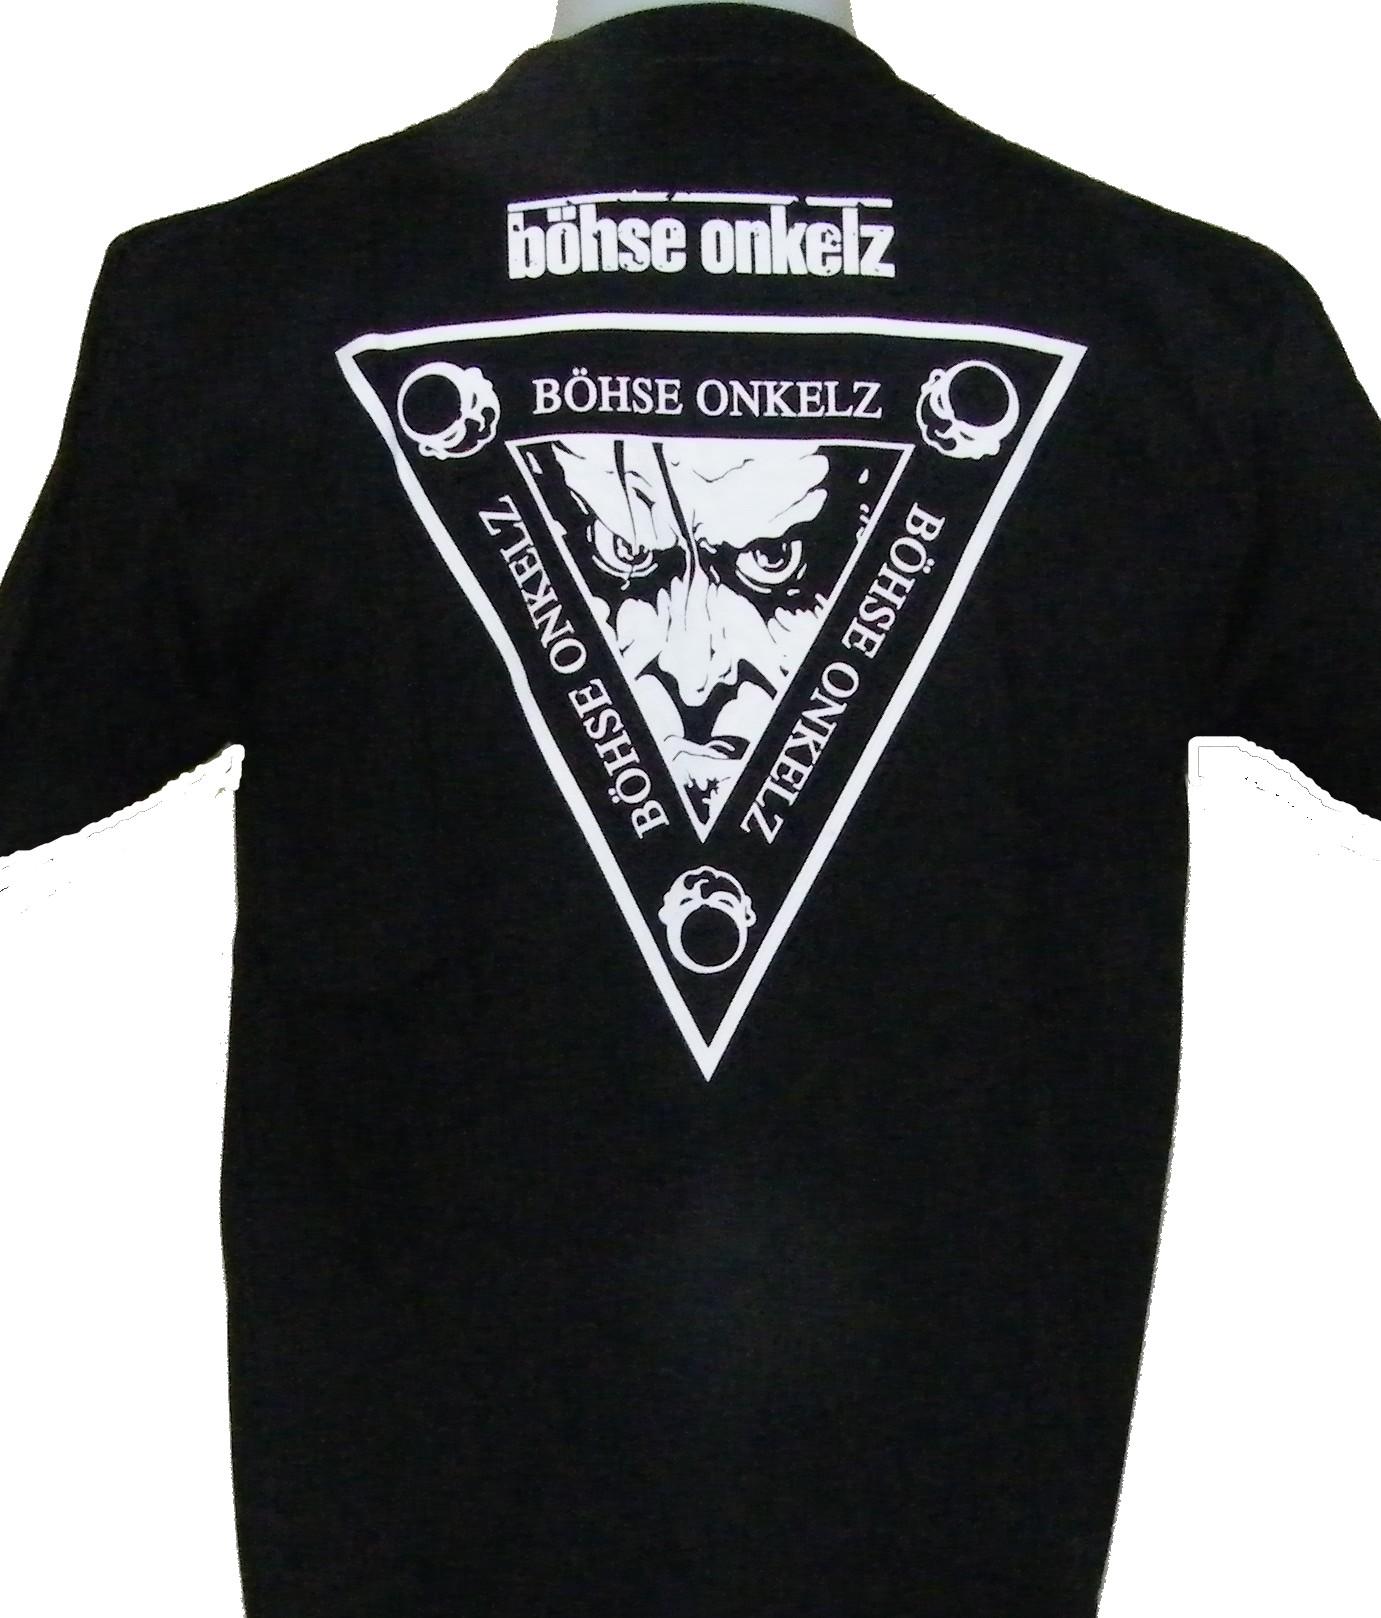 Böhse onkelz t-shirt